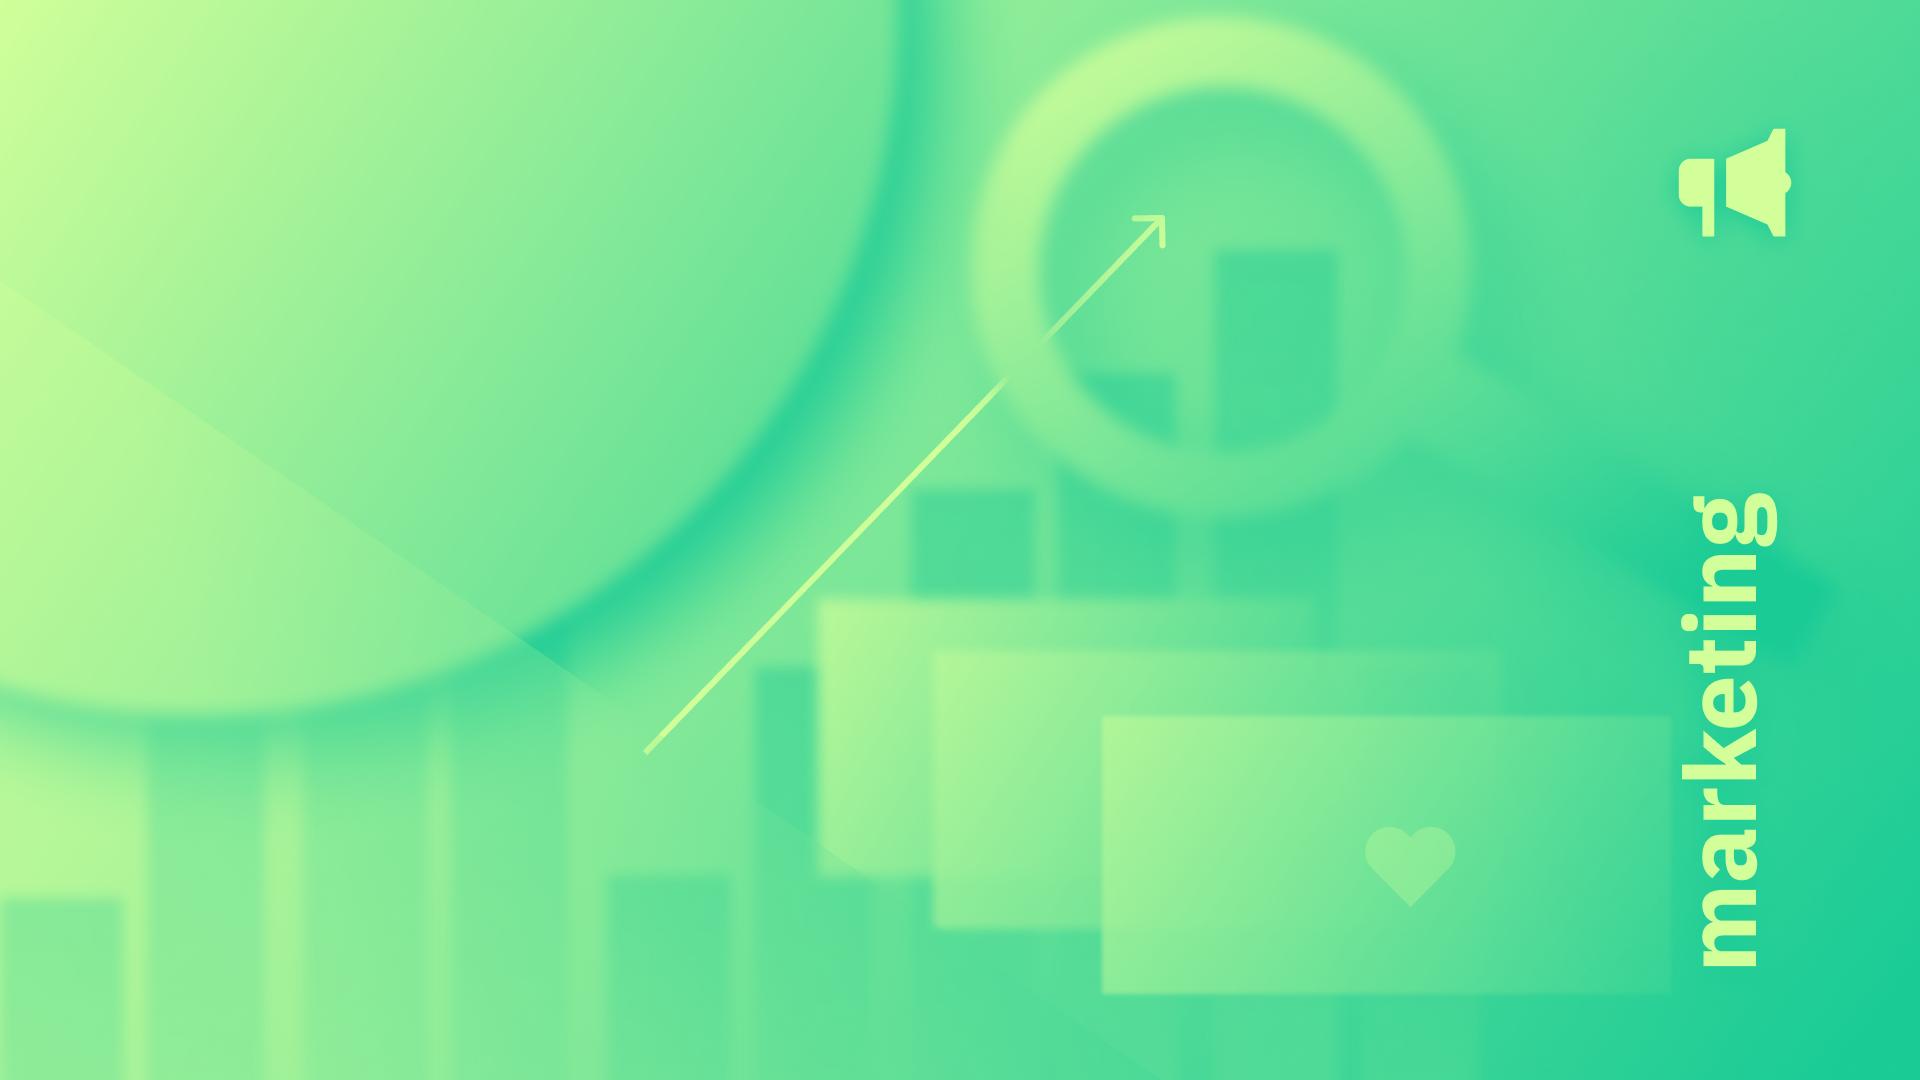 Вебинар Формулы и функции Excel, которые упростят вам жизнь фото